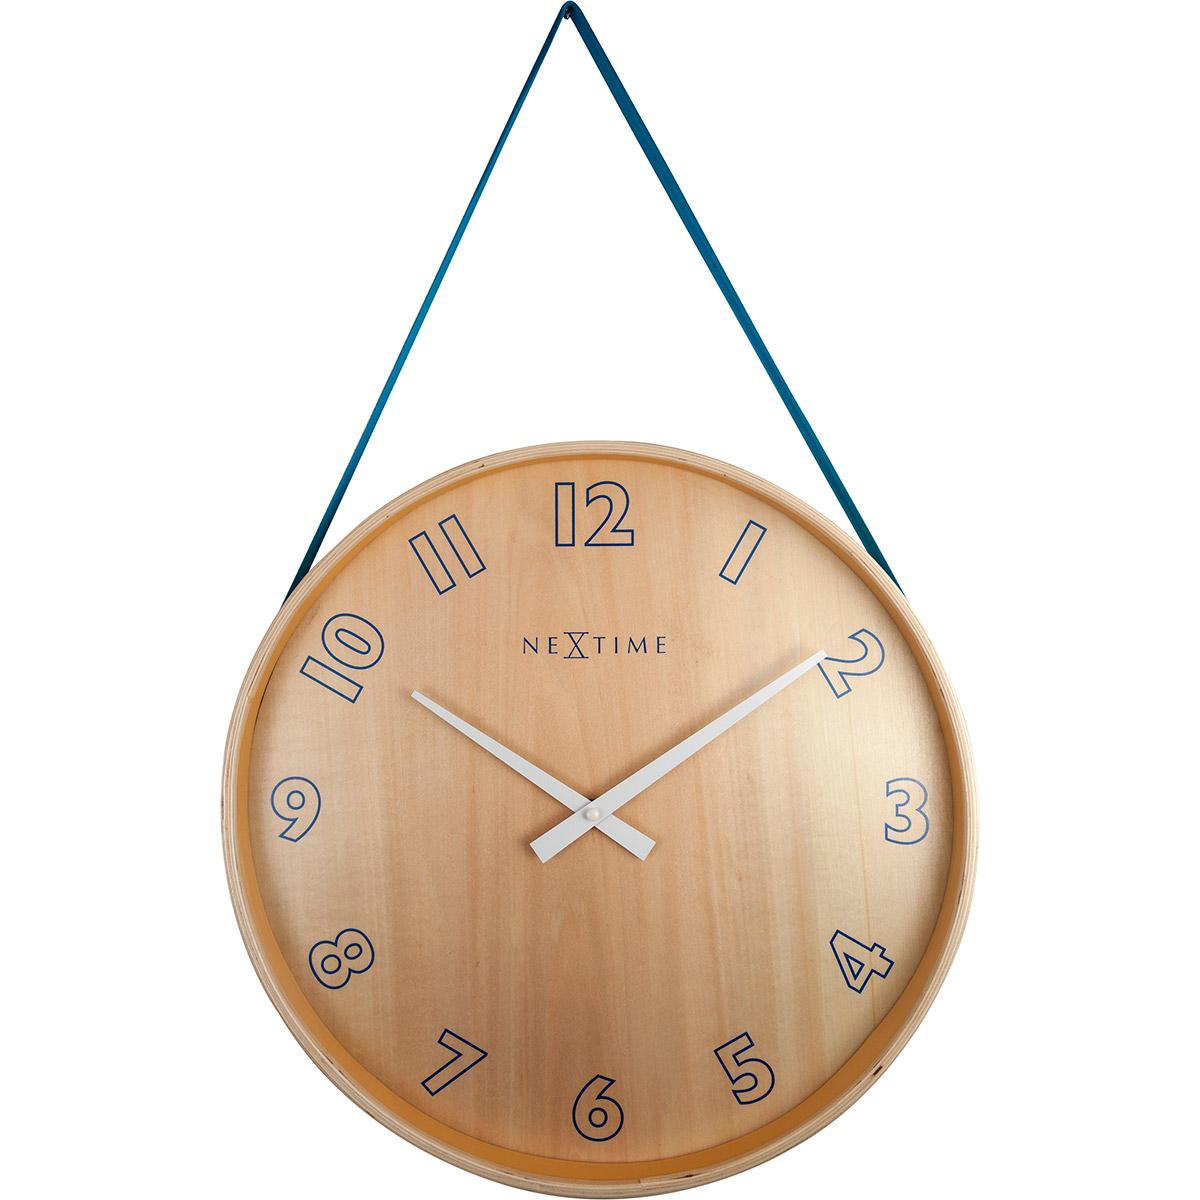 Zegar Na ścianę Wiszący Na Taśmie Loop Big Nextime Niebieski